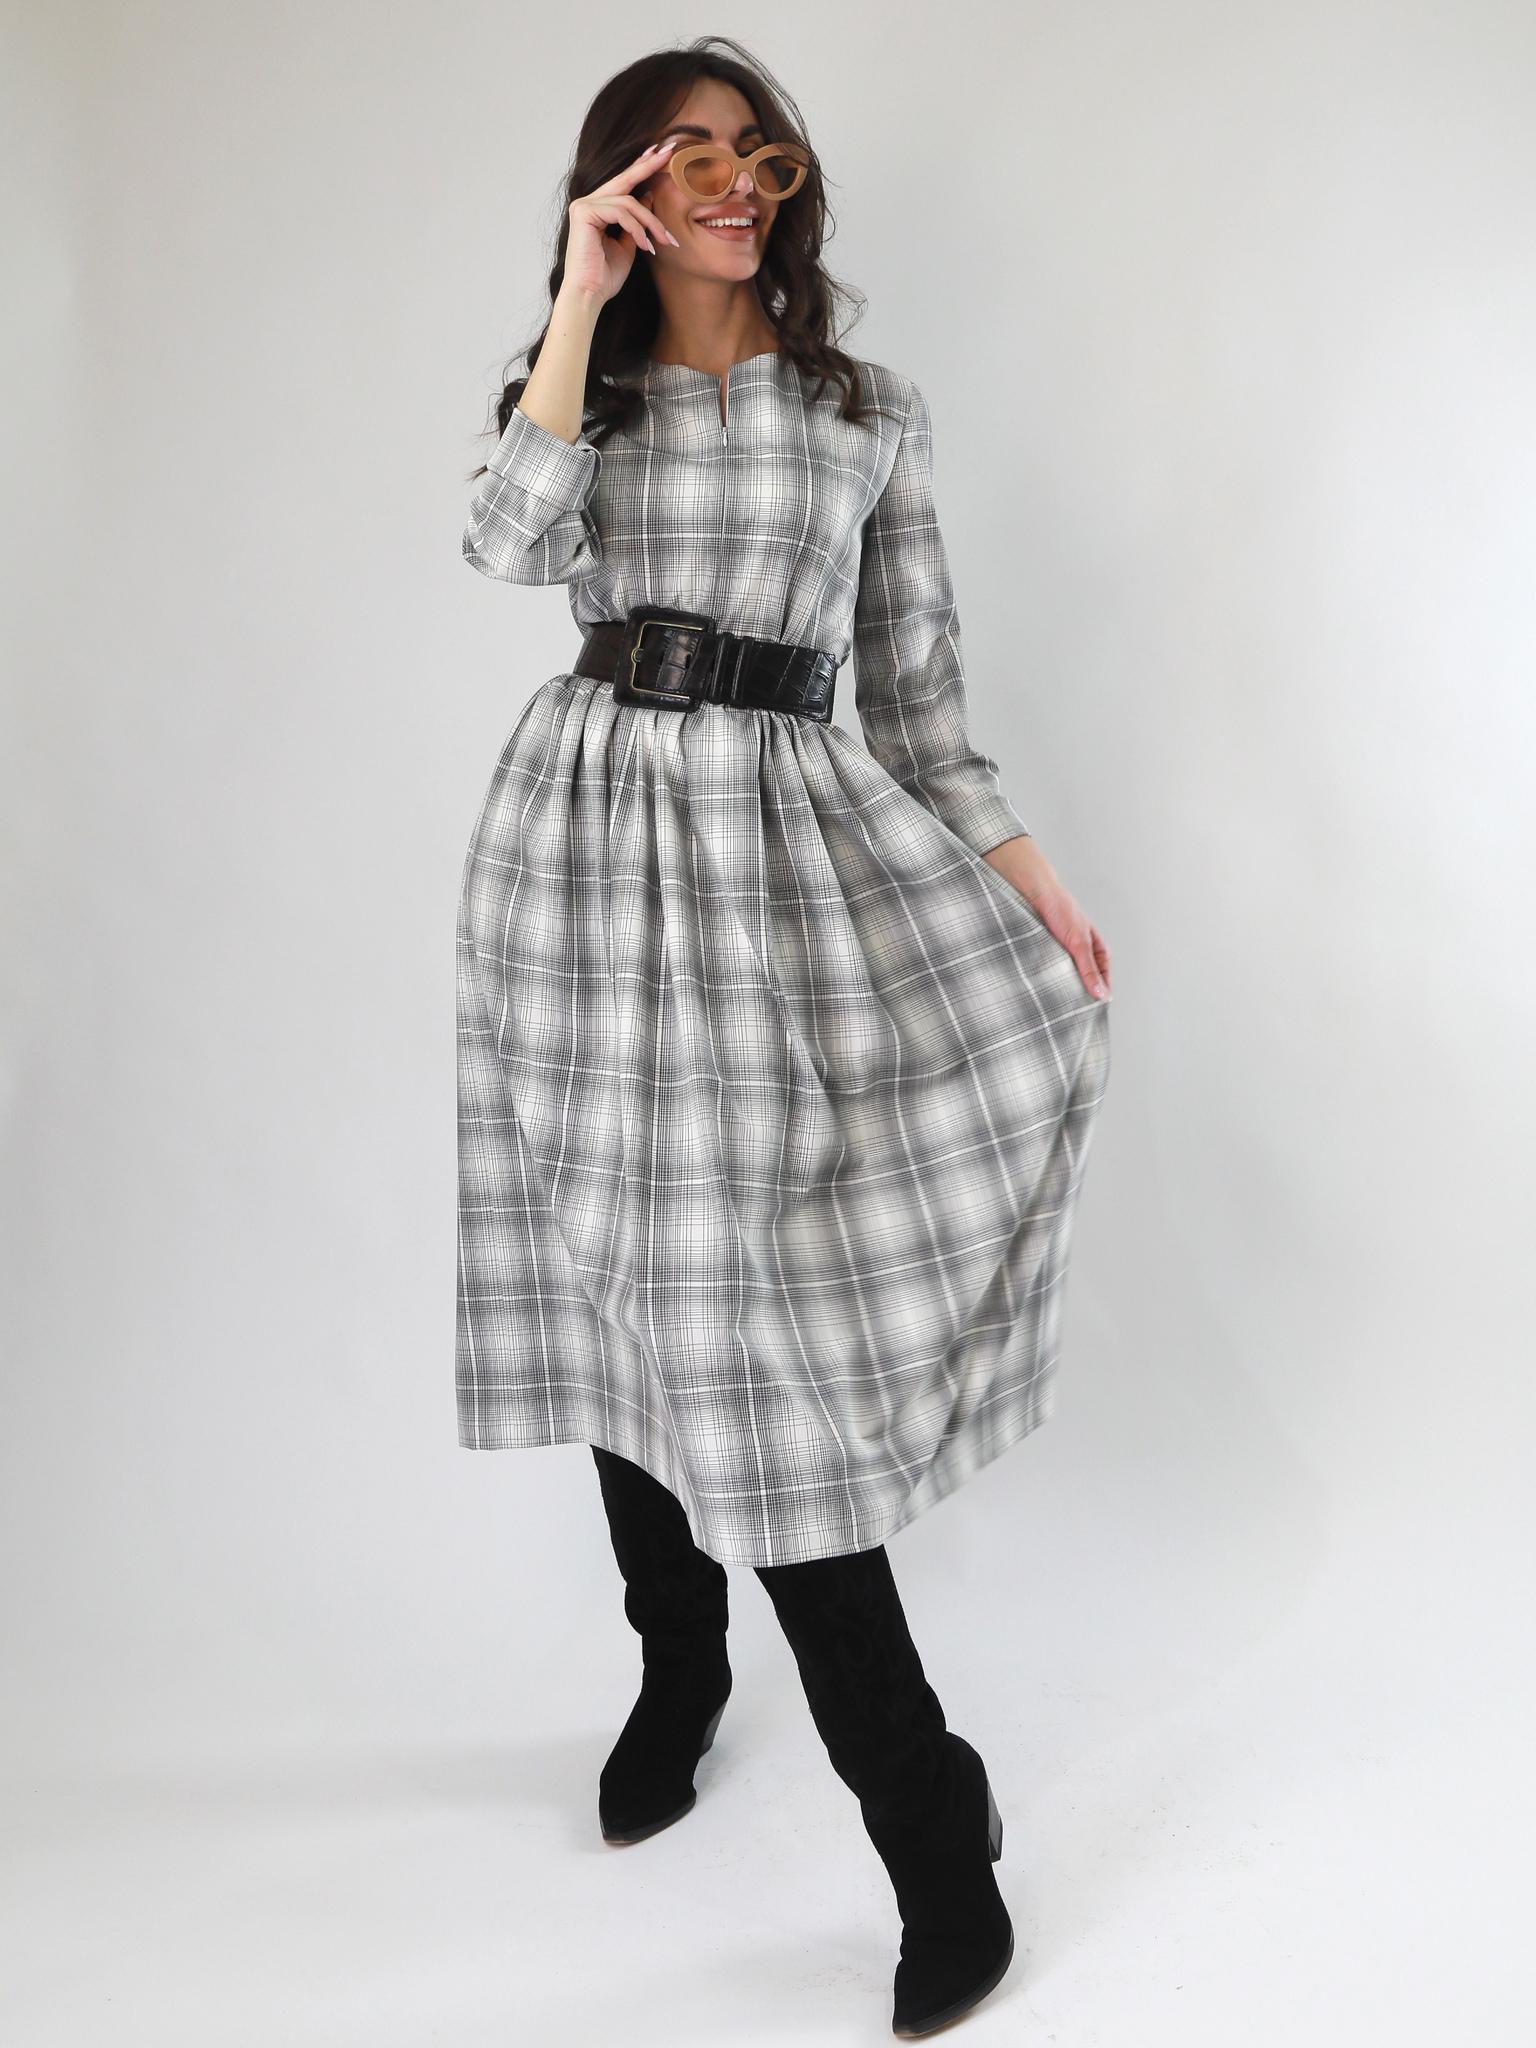 Платье в клетку прямого силуэта, свободное, отрезная талия